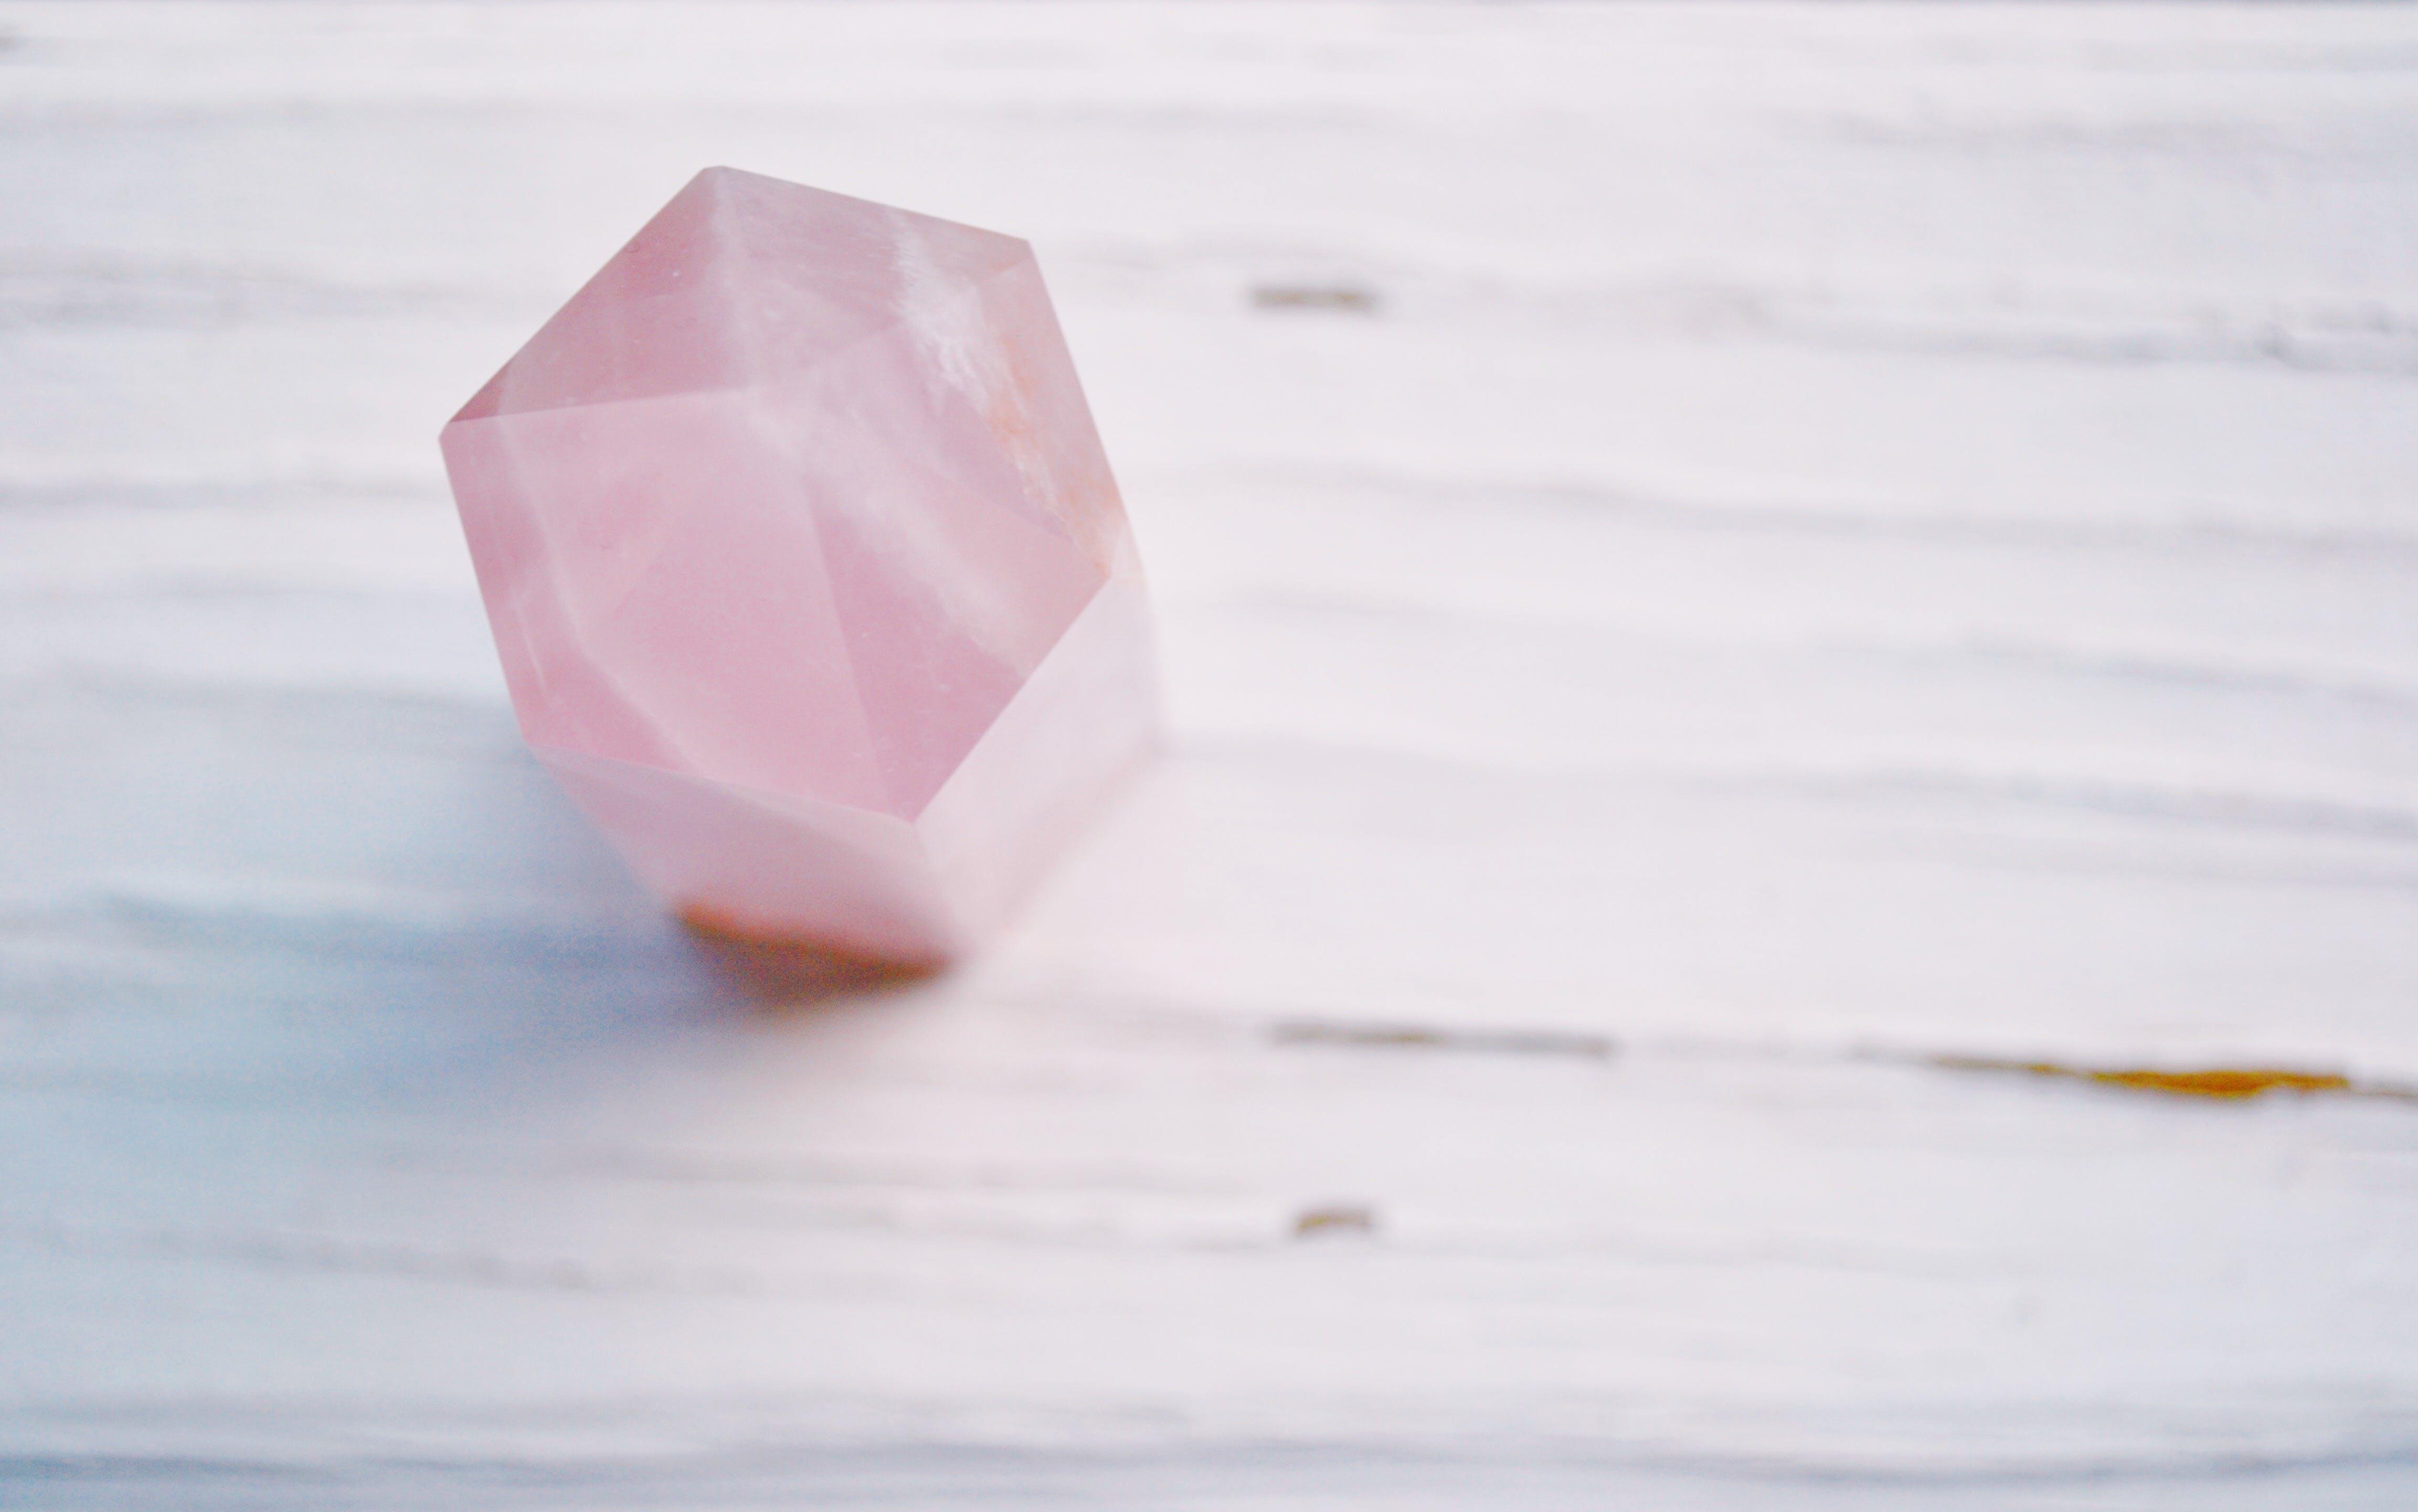 Fotos de stock gratuitas de Arte, concentrarse, cristal curativo, efecto desenfocado